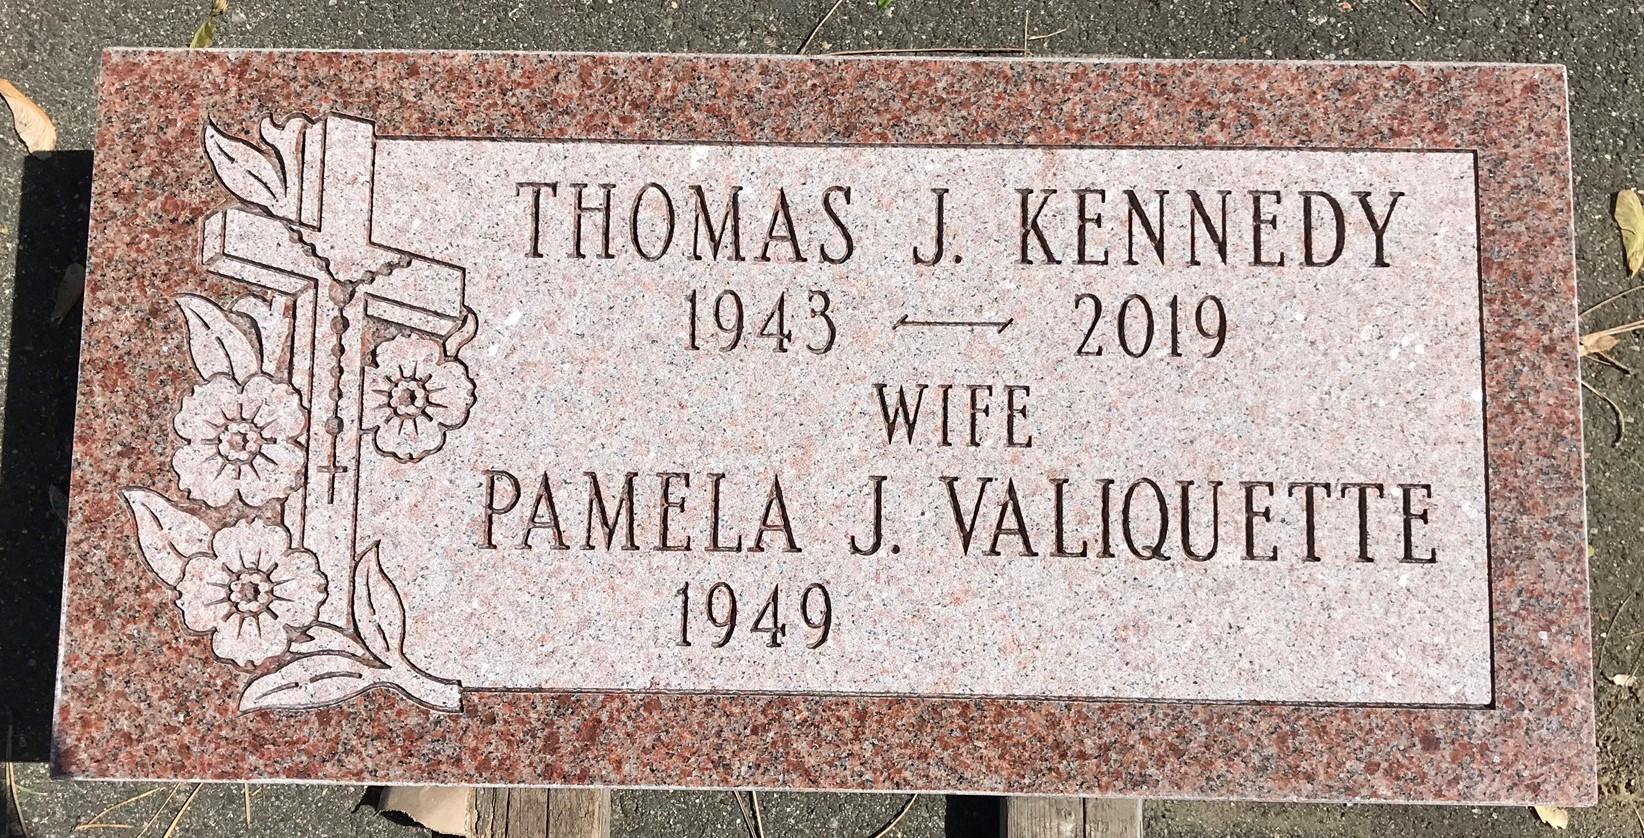 Kennedy marker.jpeg